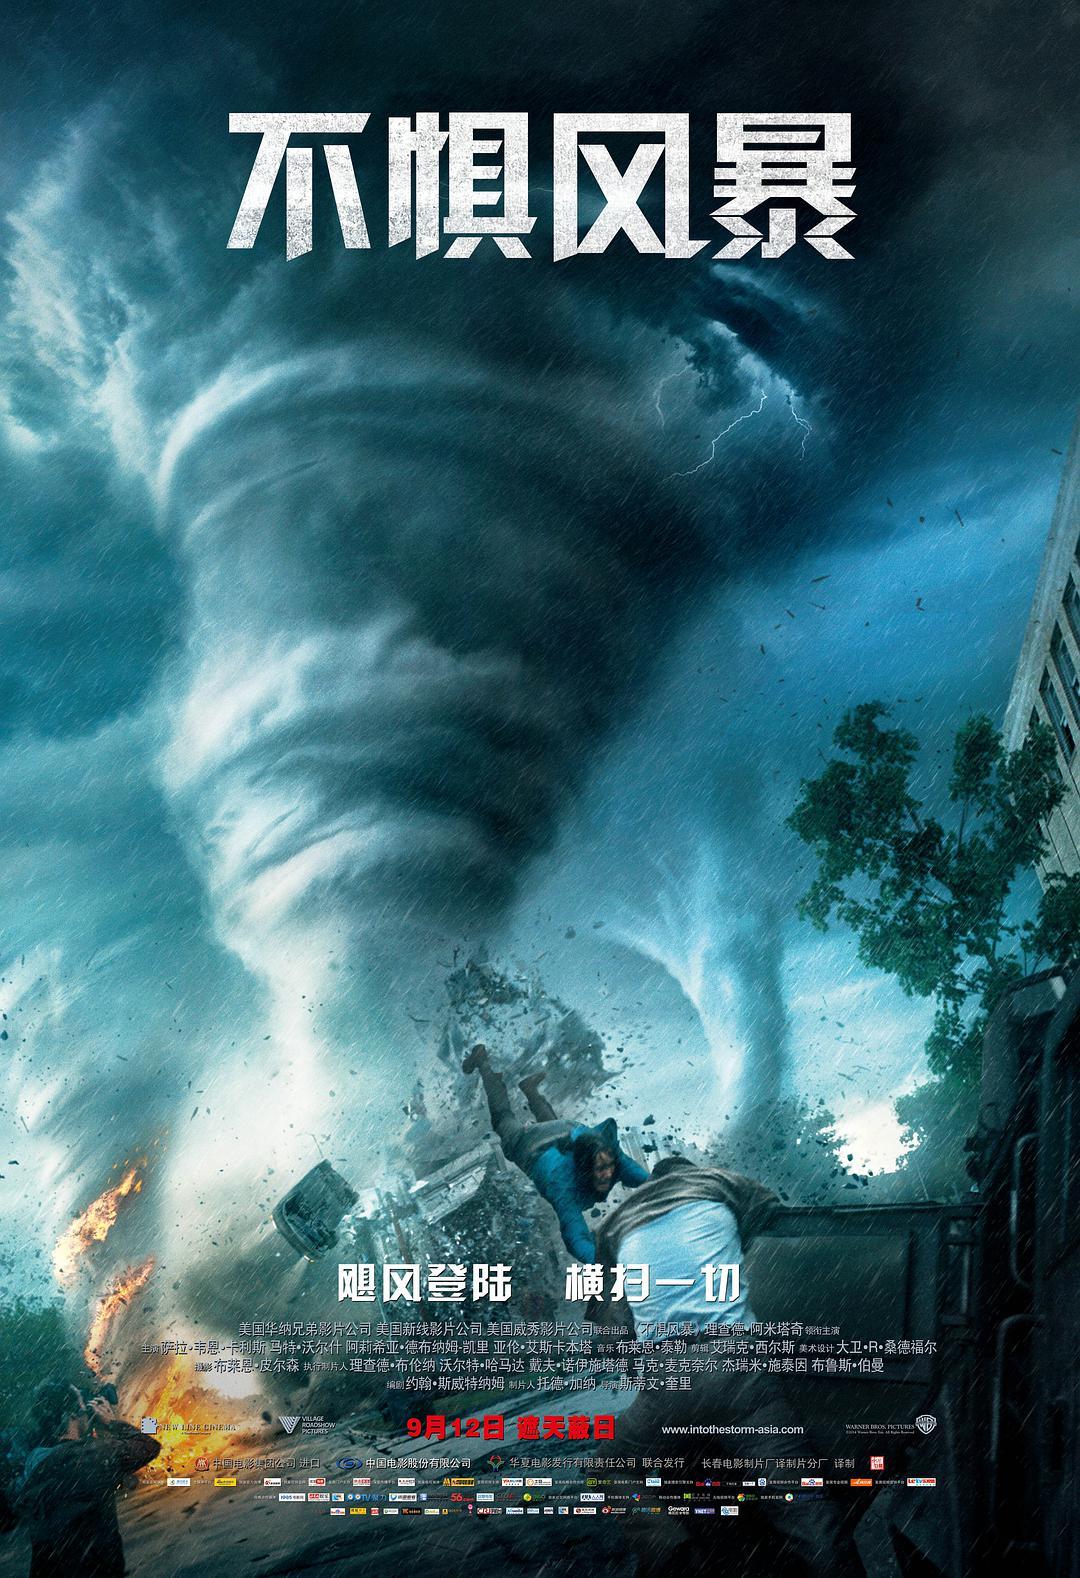 悠悠MP4_MP4电影下载_[不惧风暴][BD-MKV/6.96GB][国语配音/中文字幕][1080P][H265编码][灾难,美国,龙卷风,视觉,冒险,惊悚,气候]